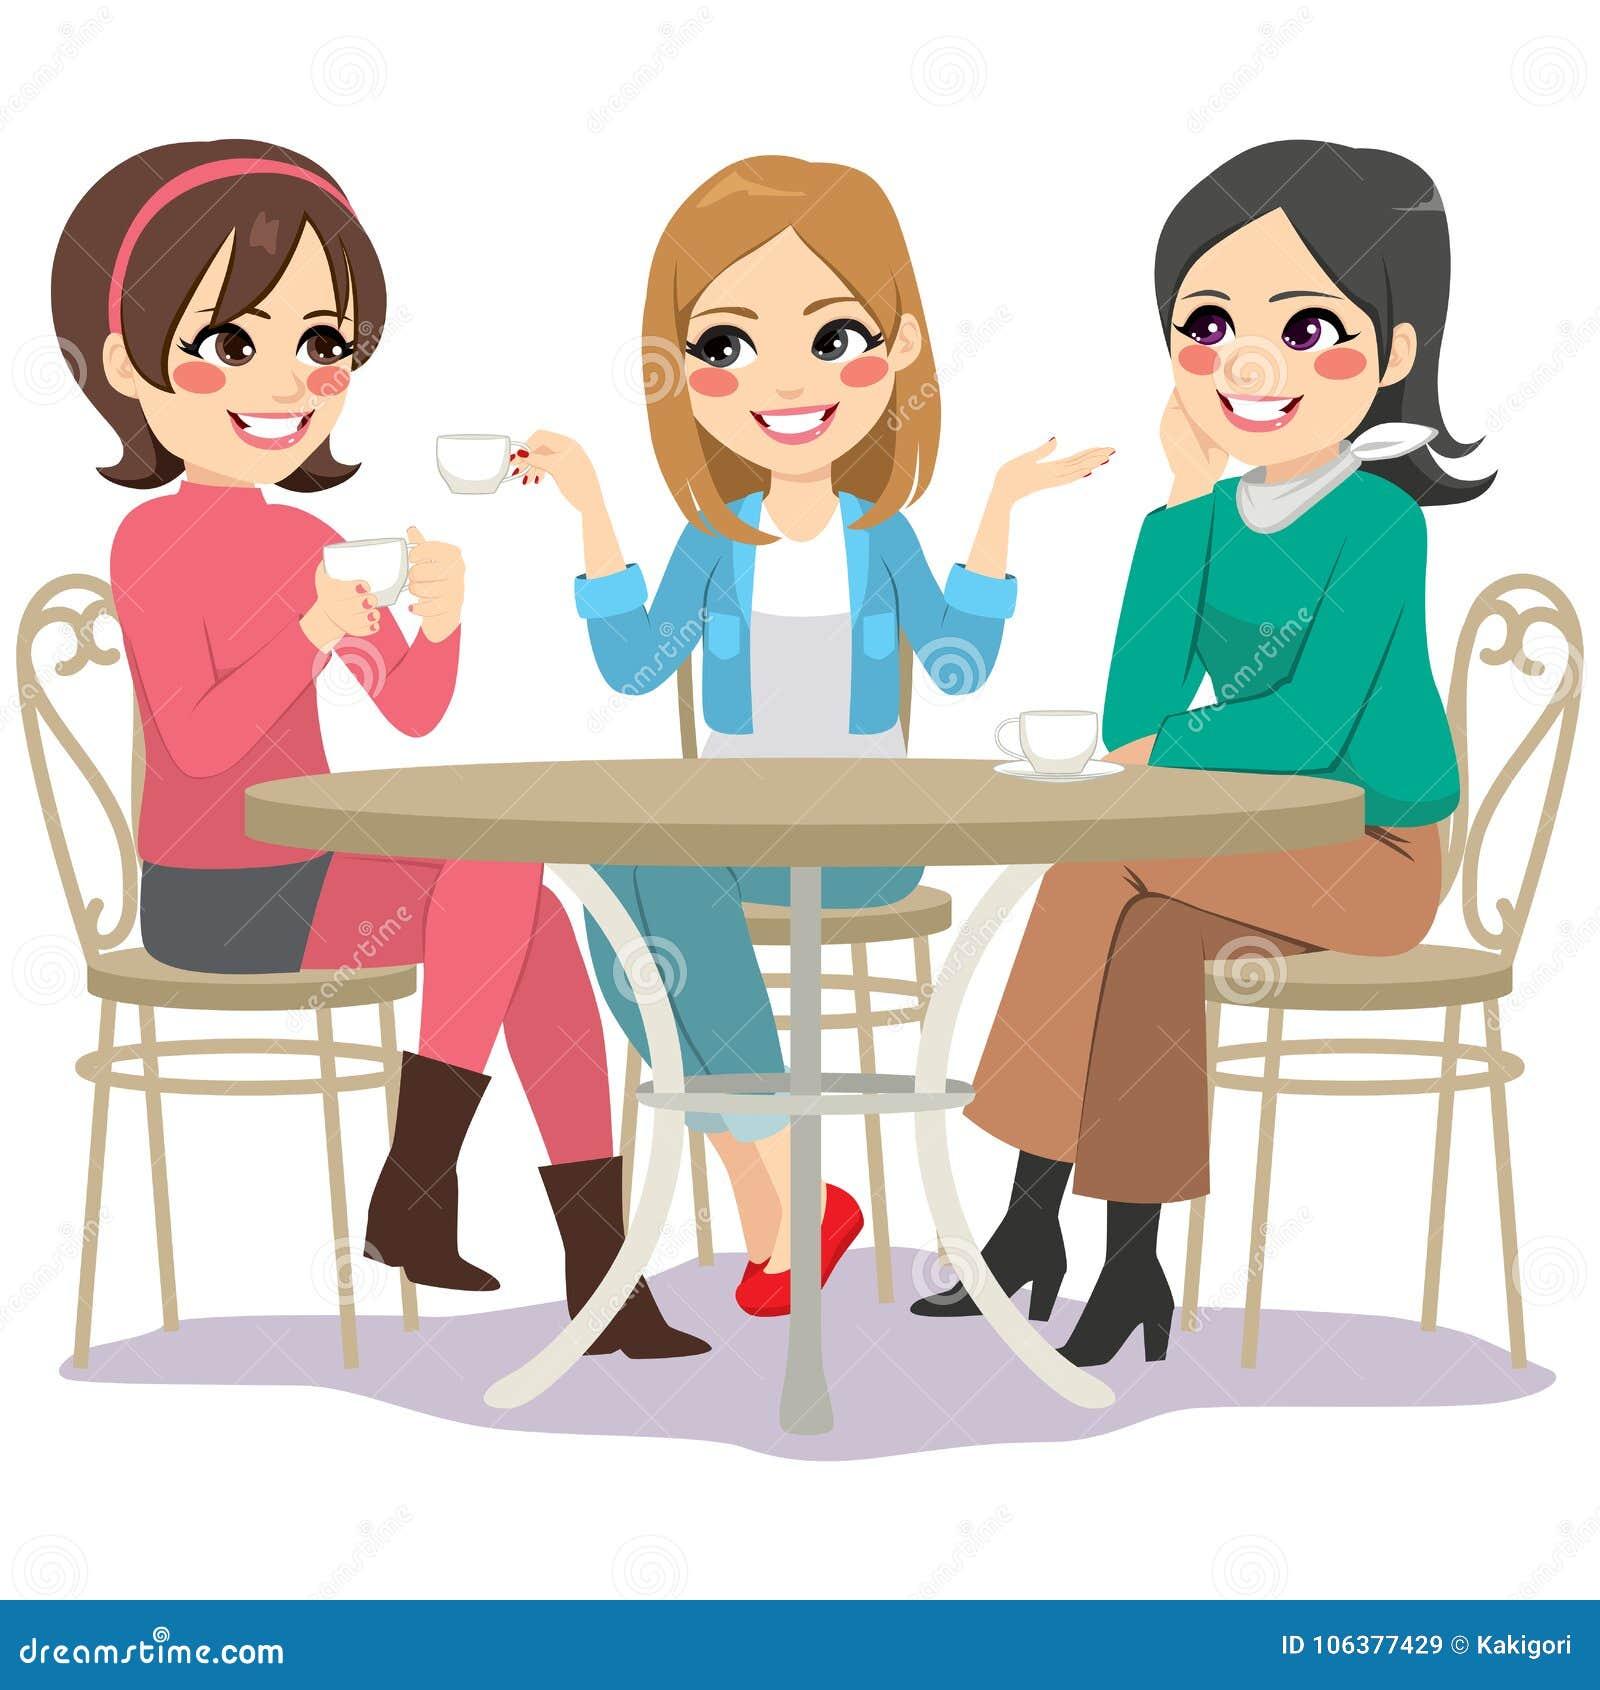 Three Friends Stock Illustrations 3 782 Three Friends Stock Illustrations Vectors Clipart Dreamstime